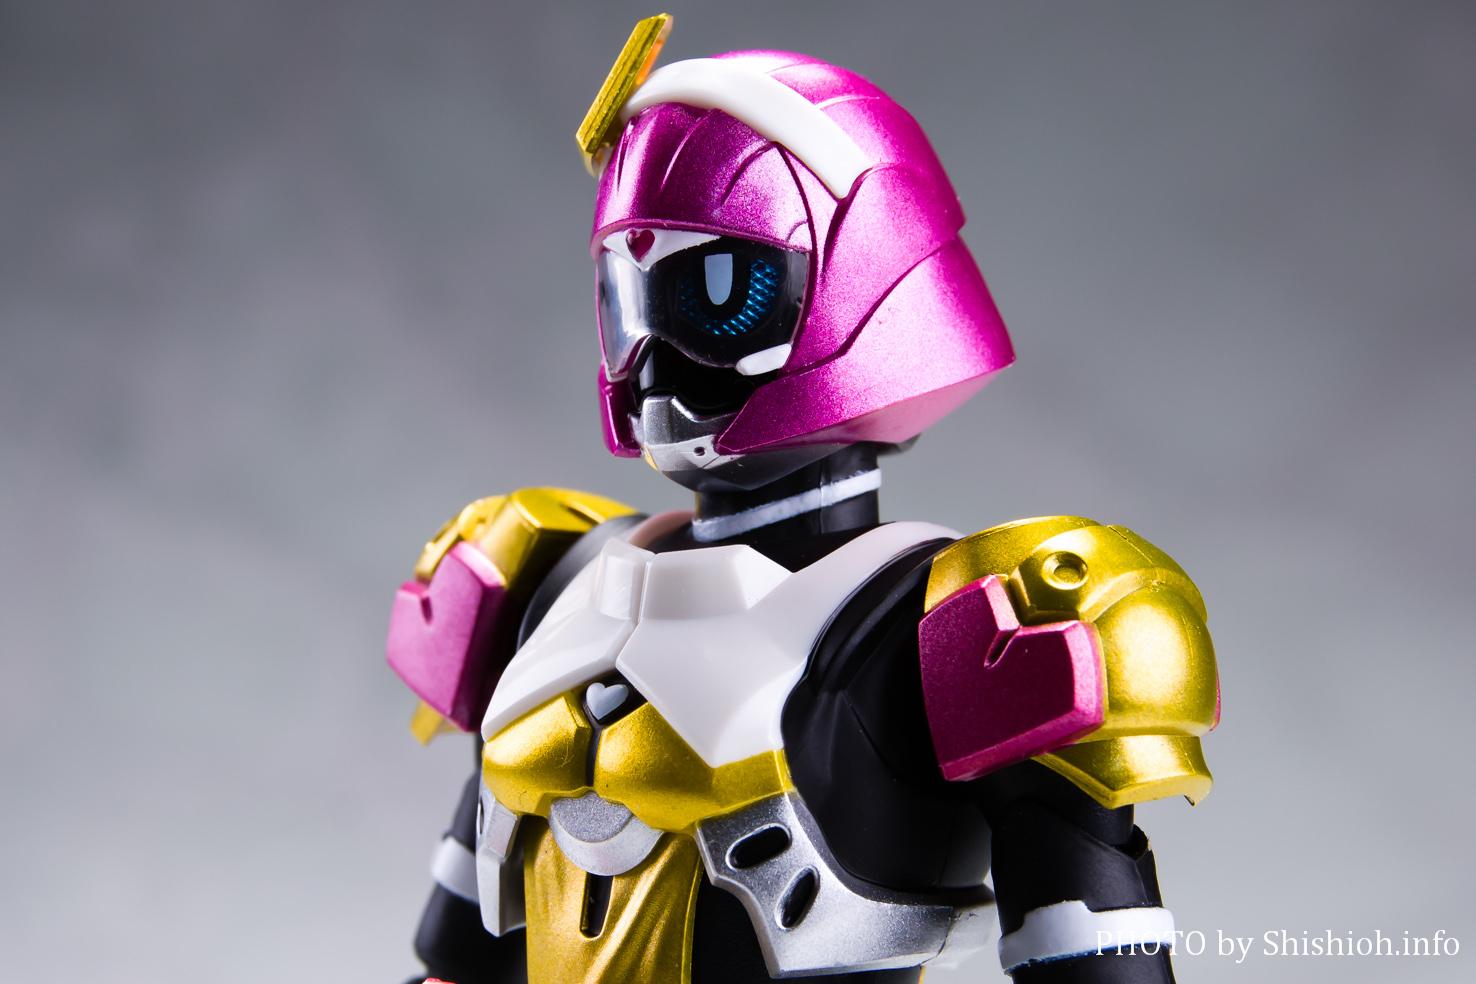 S.H.Figuarts 仮面ライダーポッピー ときめきクライシスゲーマー レベルX